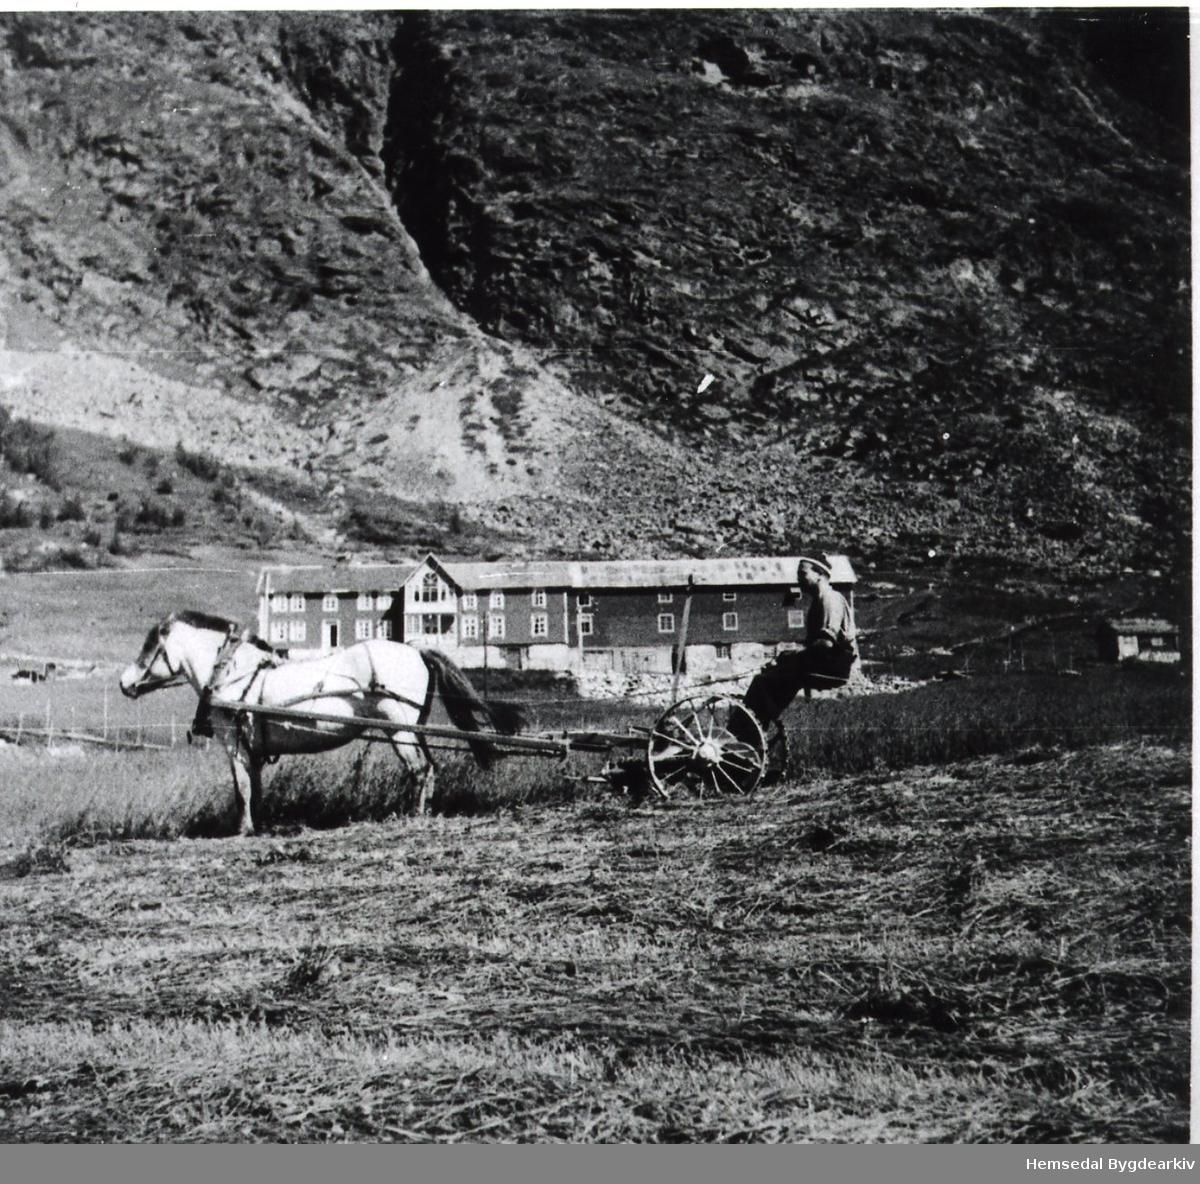 Olav J. Dokk med Borka på Bjøberg i Hemsedal, ca.1945. Slåmaskin. Gardsbygg. Skysstasjon.